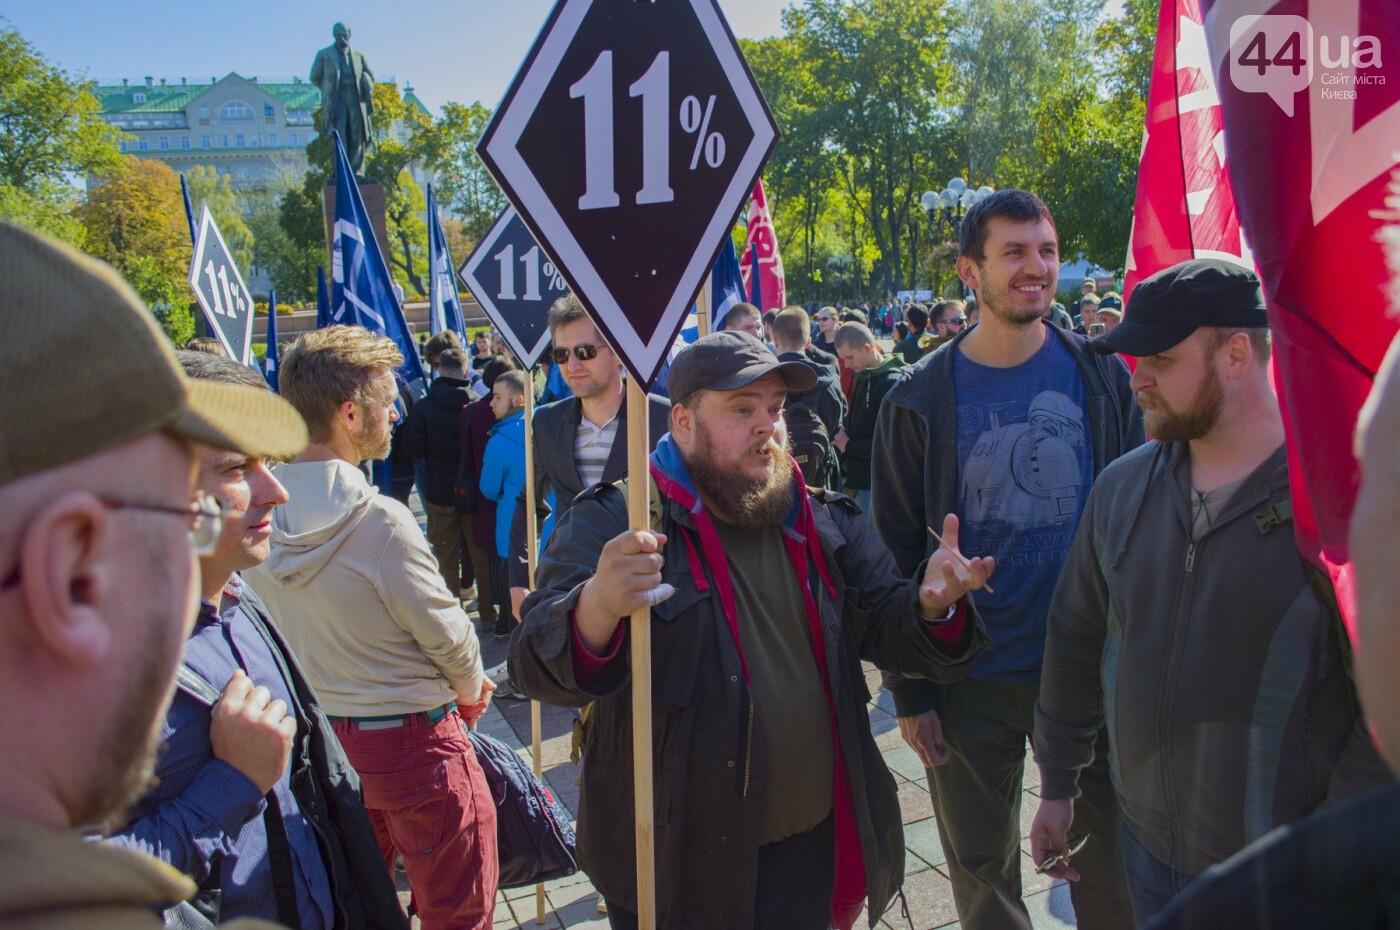 С волынкой, барабанами и черепом: как в Киеве люди митинговали за право на самооборону, фото-2